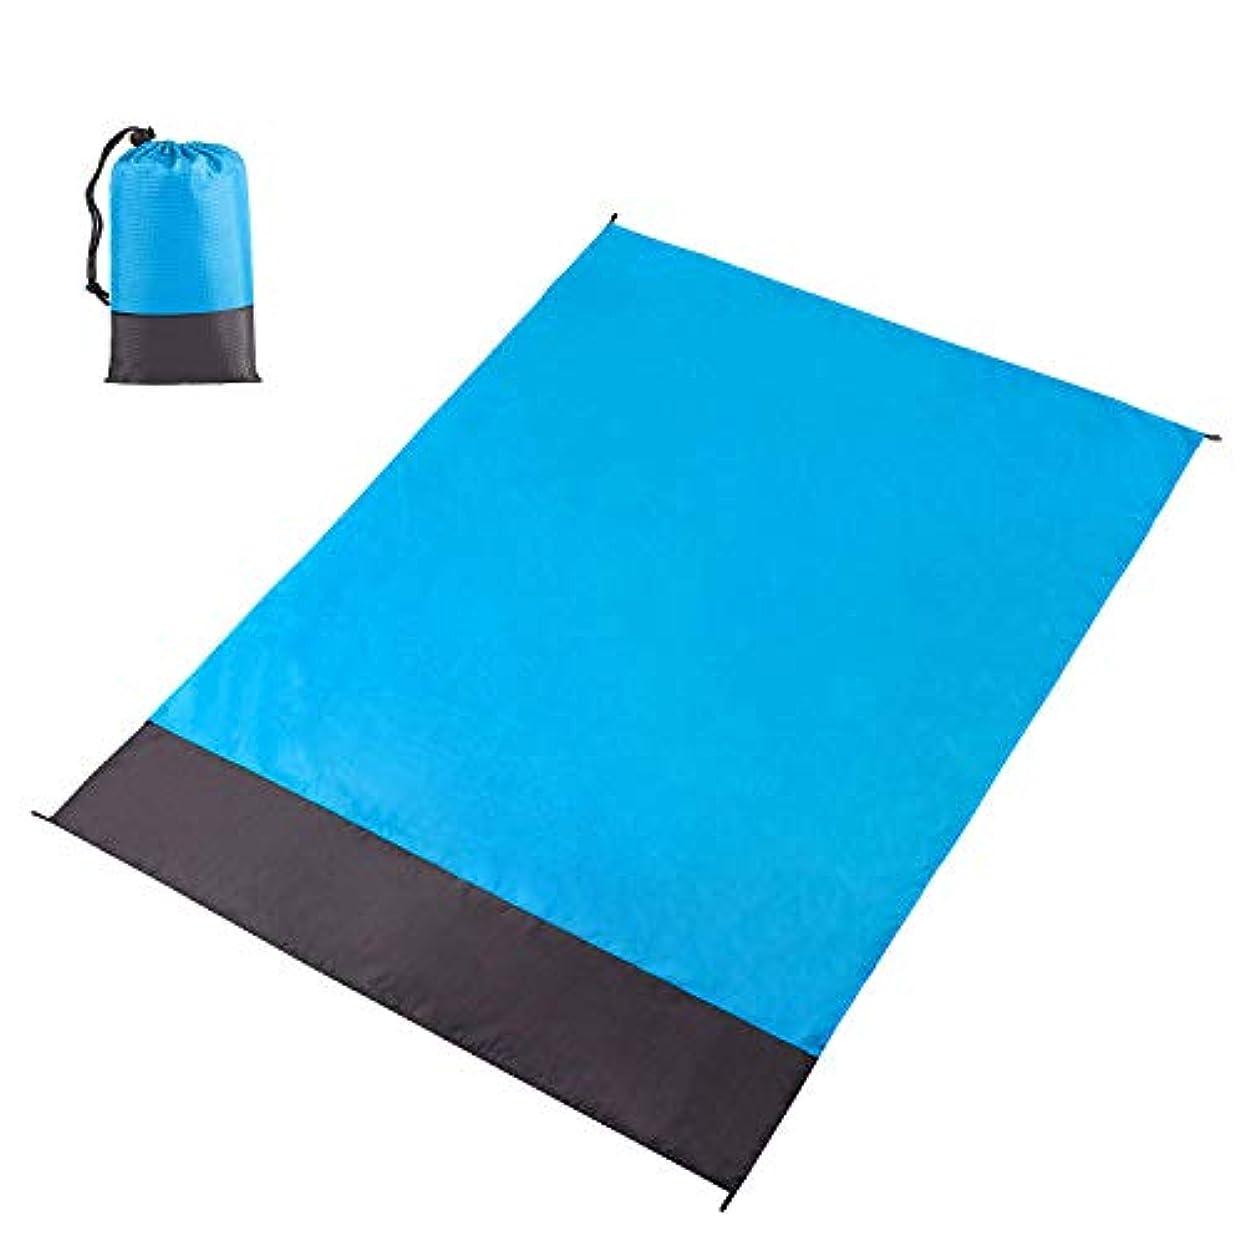 作者意味のある増強防水 グランドシート 軽量 200x140cm 2色